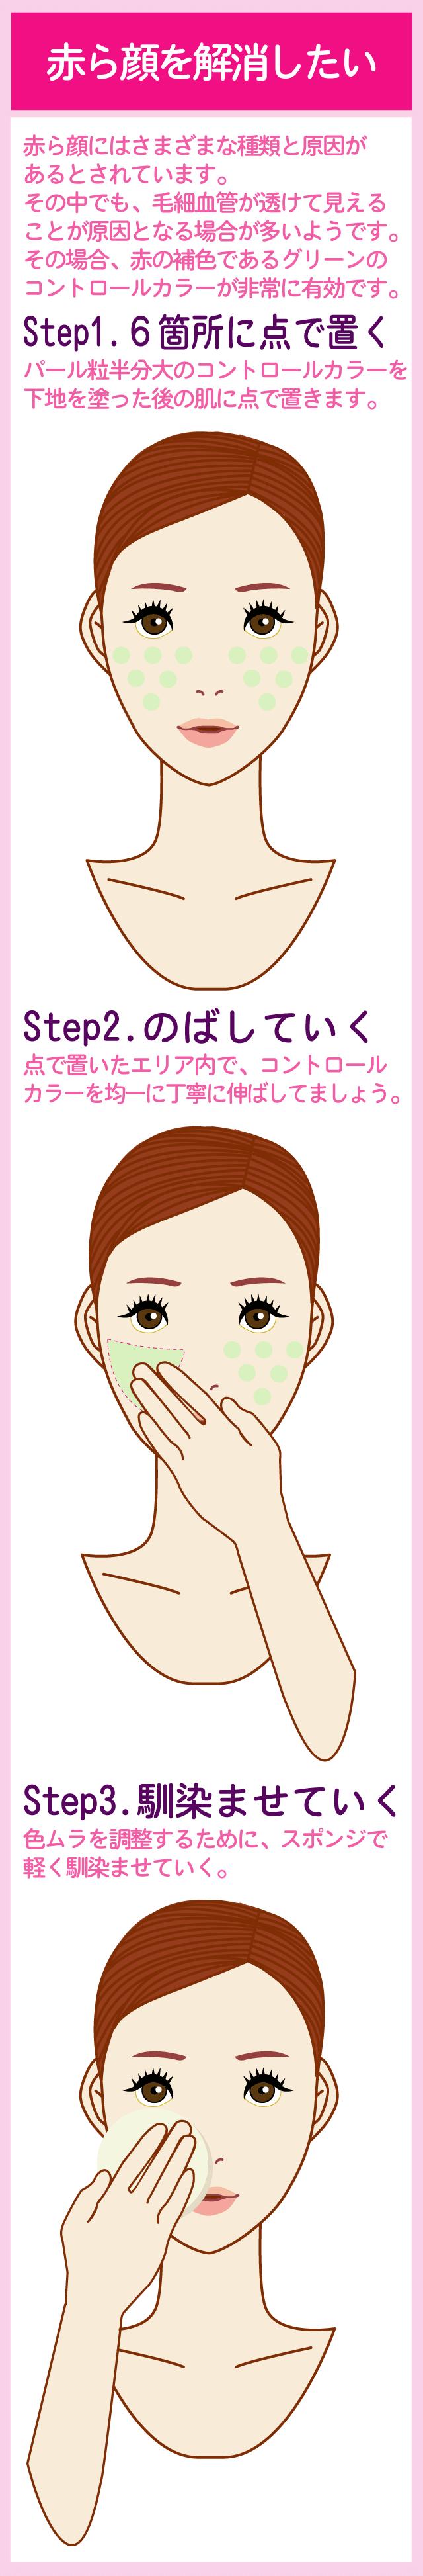 赤ら顔をカバーするメイクテクニック